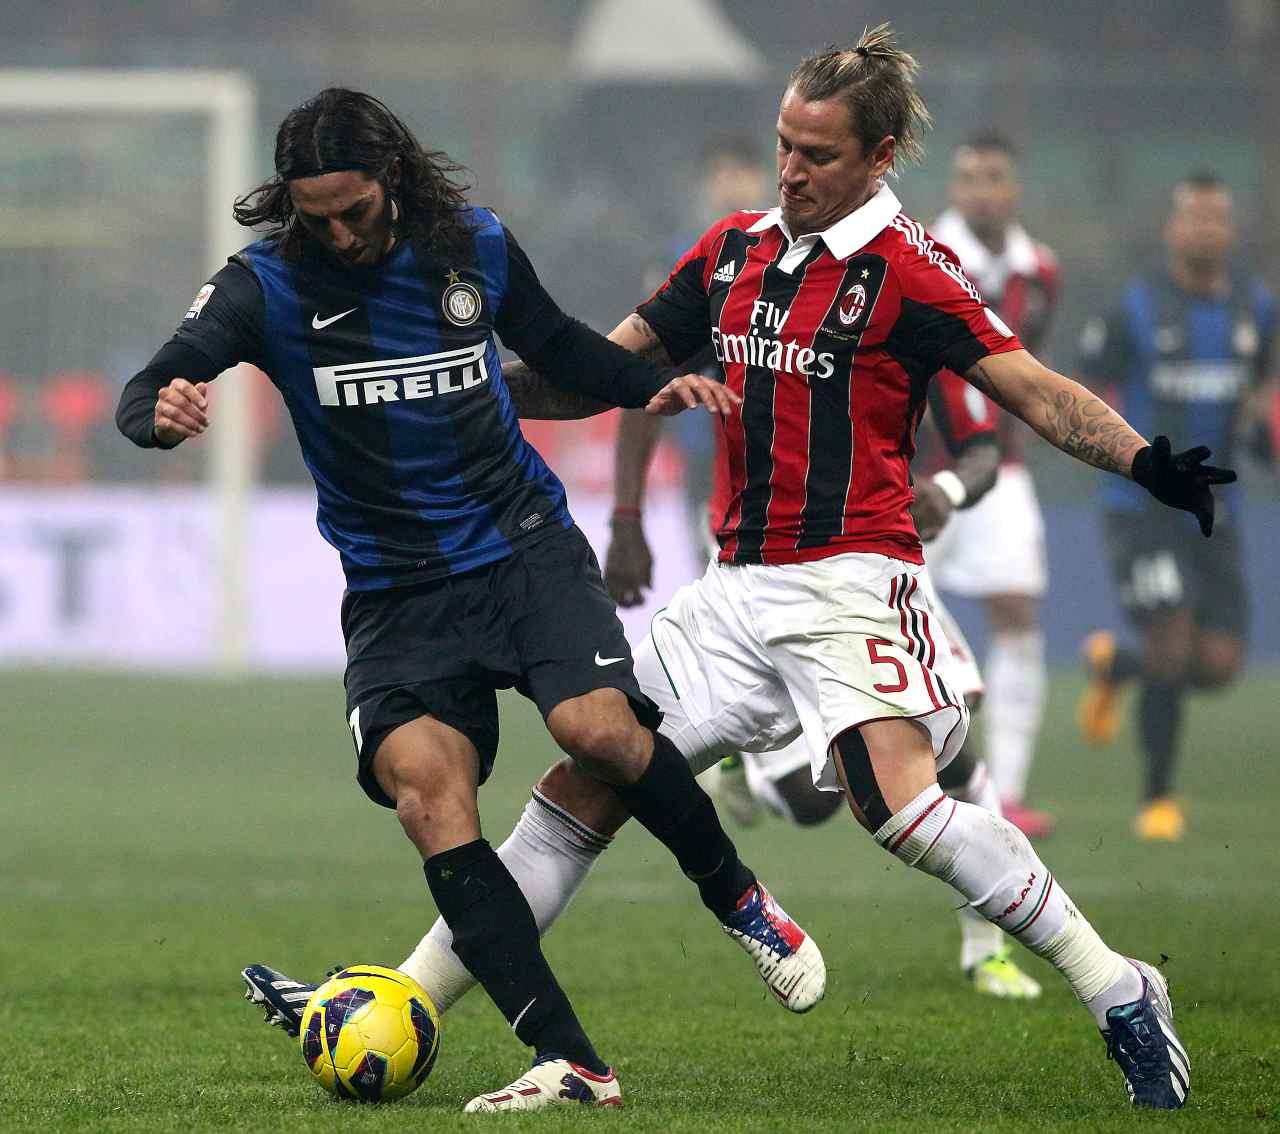 Inter-Milan: De Vecchi, Minaudo e gli altri, gli eroi per caso del derby